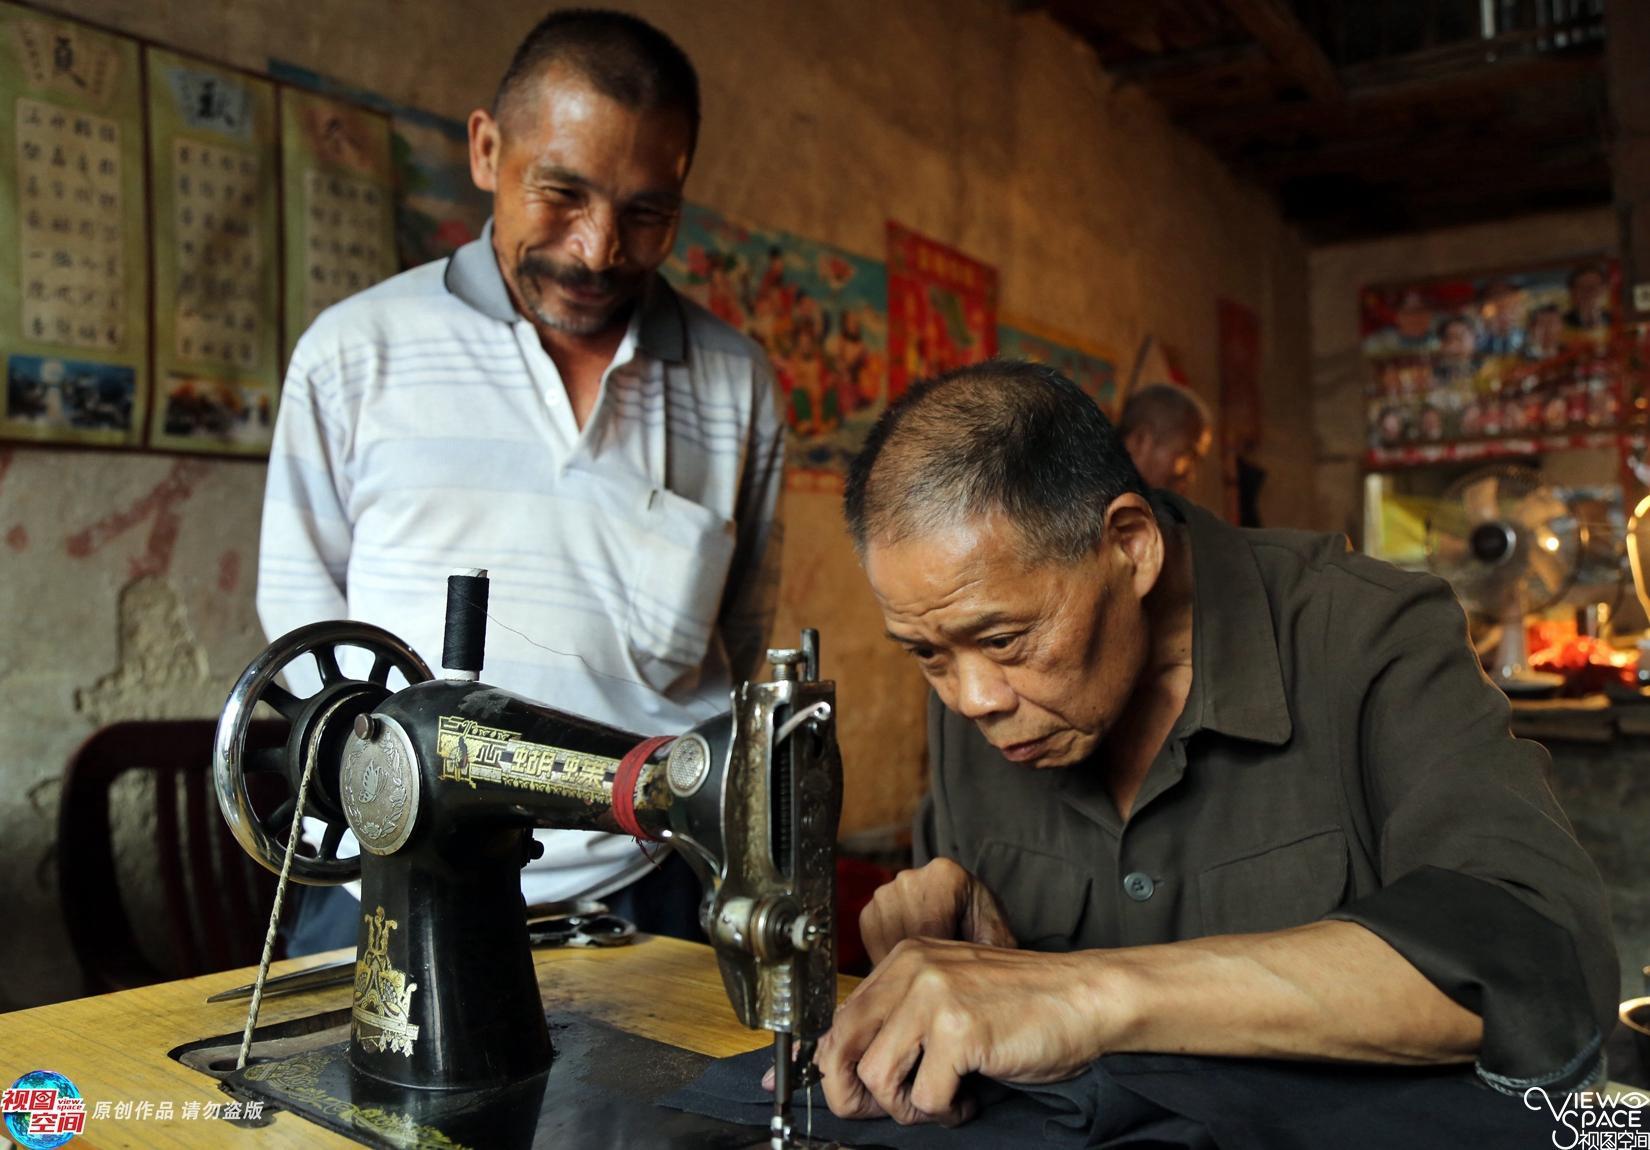 他坚持60年做裁缝 如今年入仅几千元